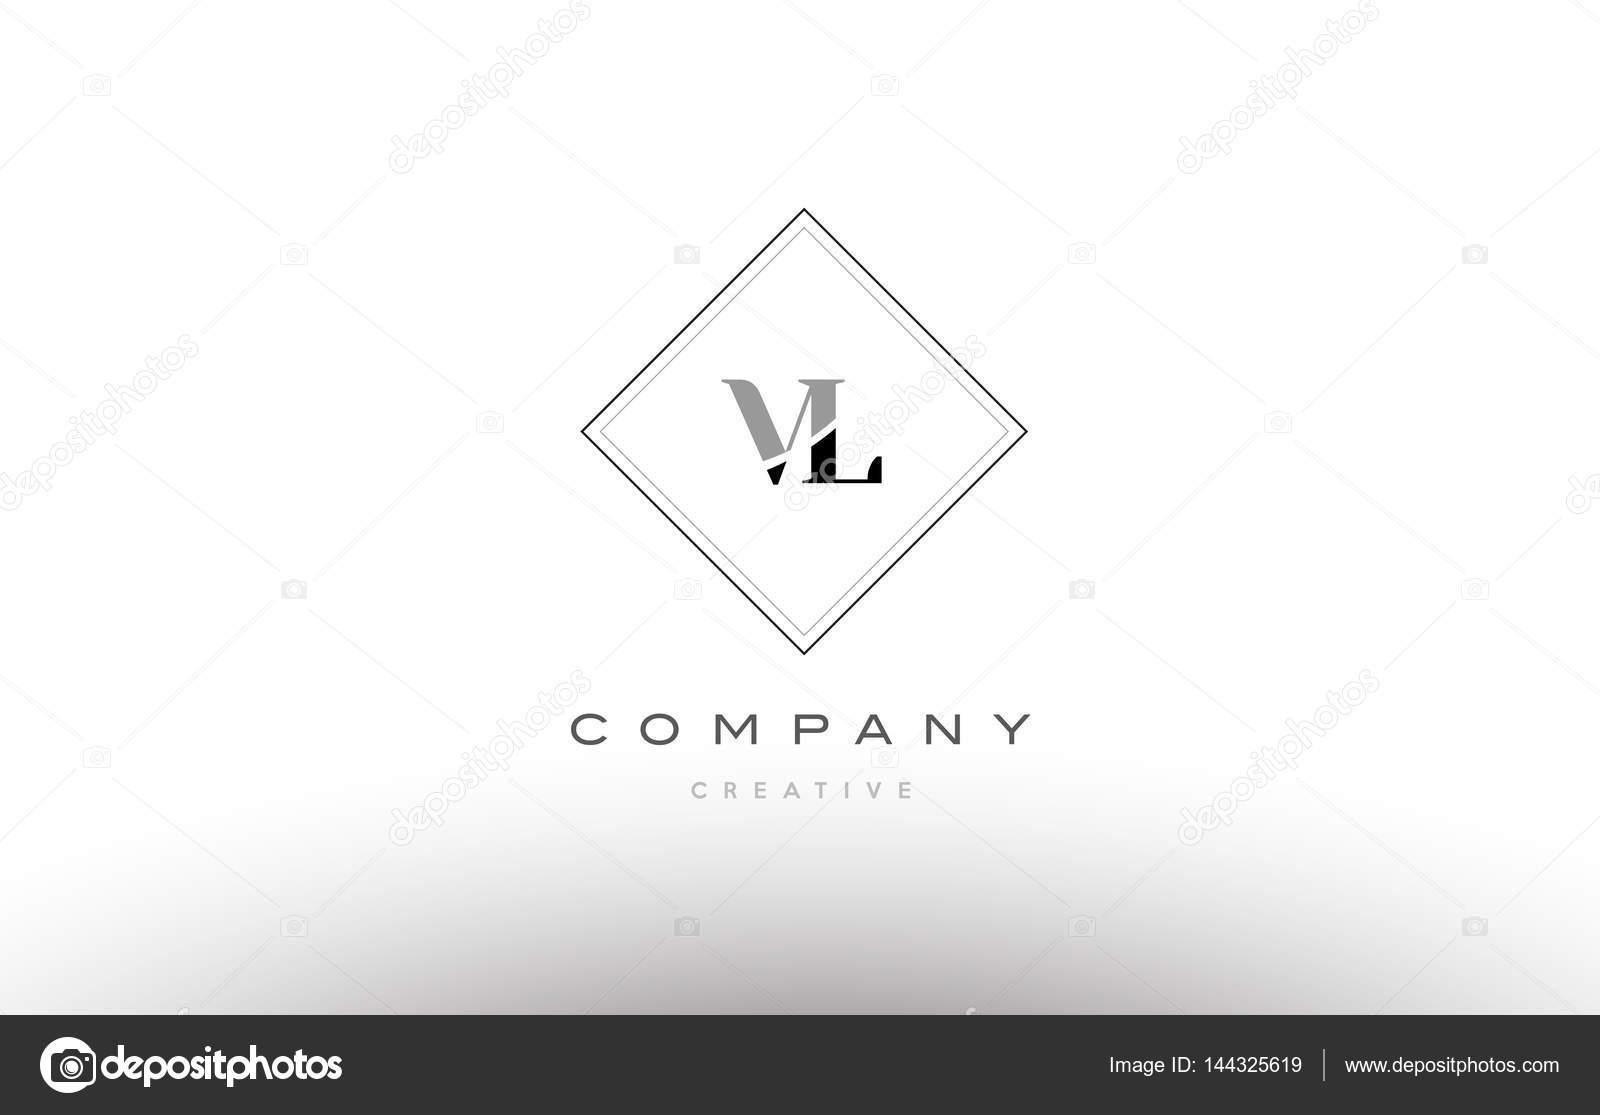 Vl V L Retro Vintage Schwarz Weissen Alphabet Buchstaben Logo